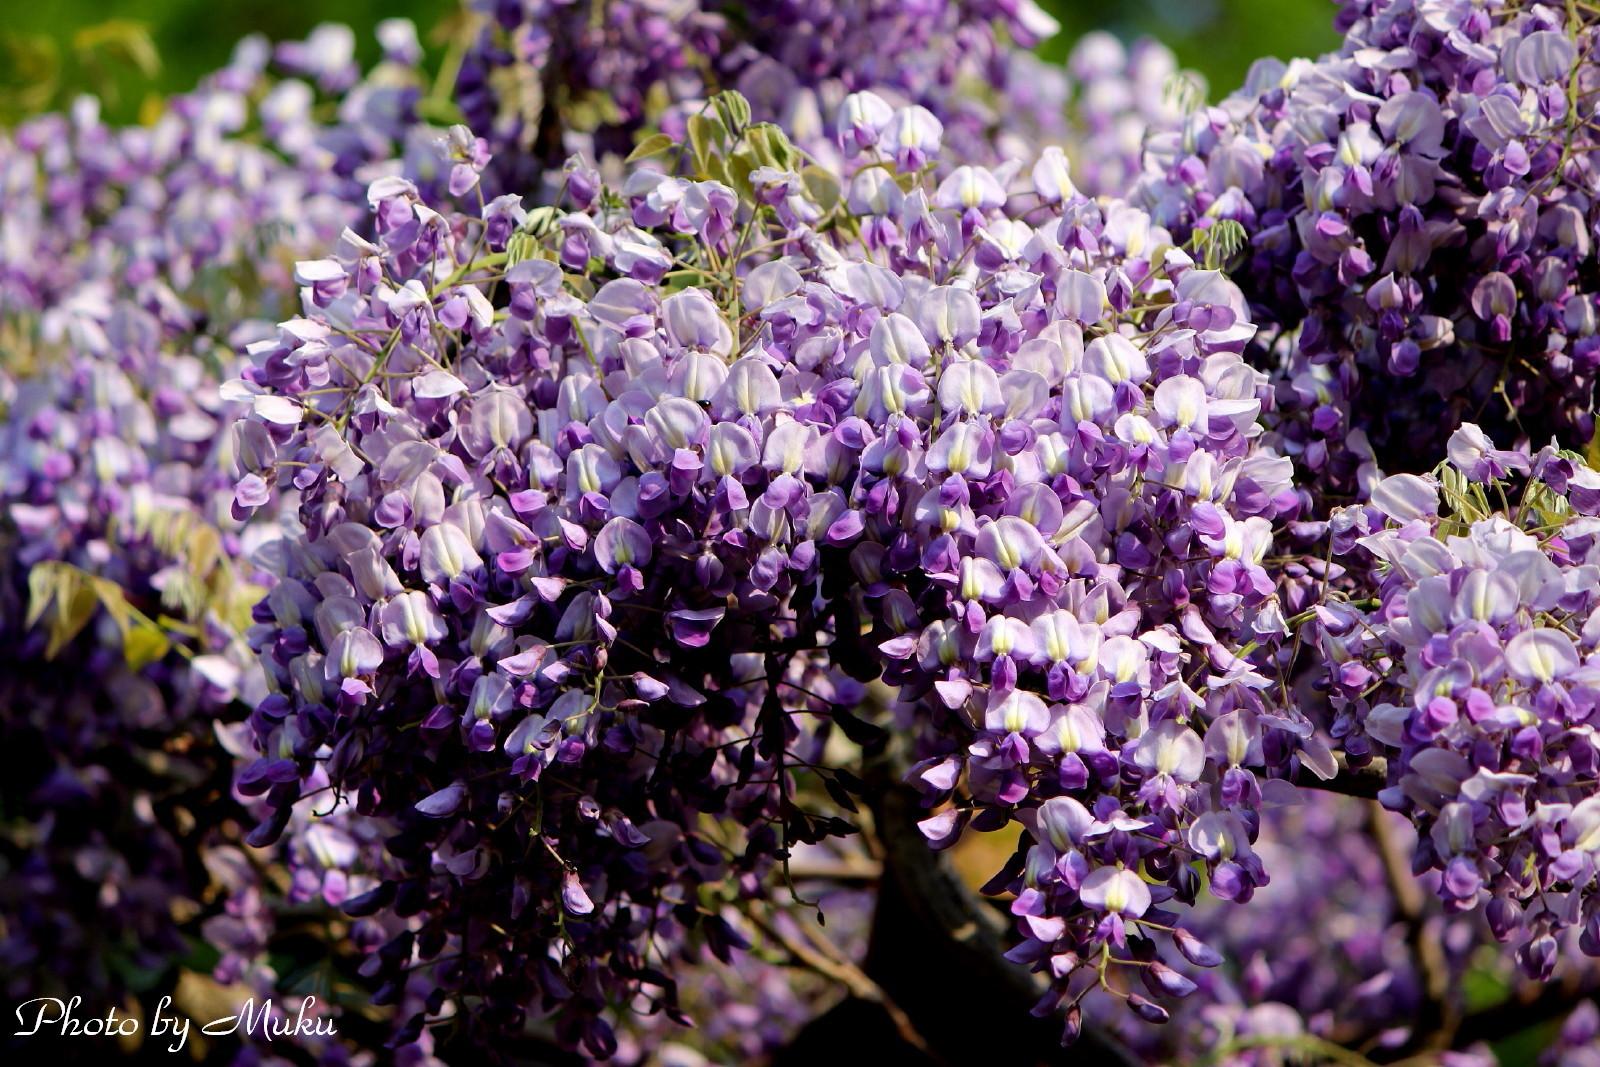 2014.4.23 藤の花(横須賀しょうぶ園:神奈川県横須賀市)